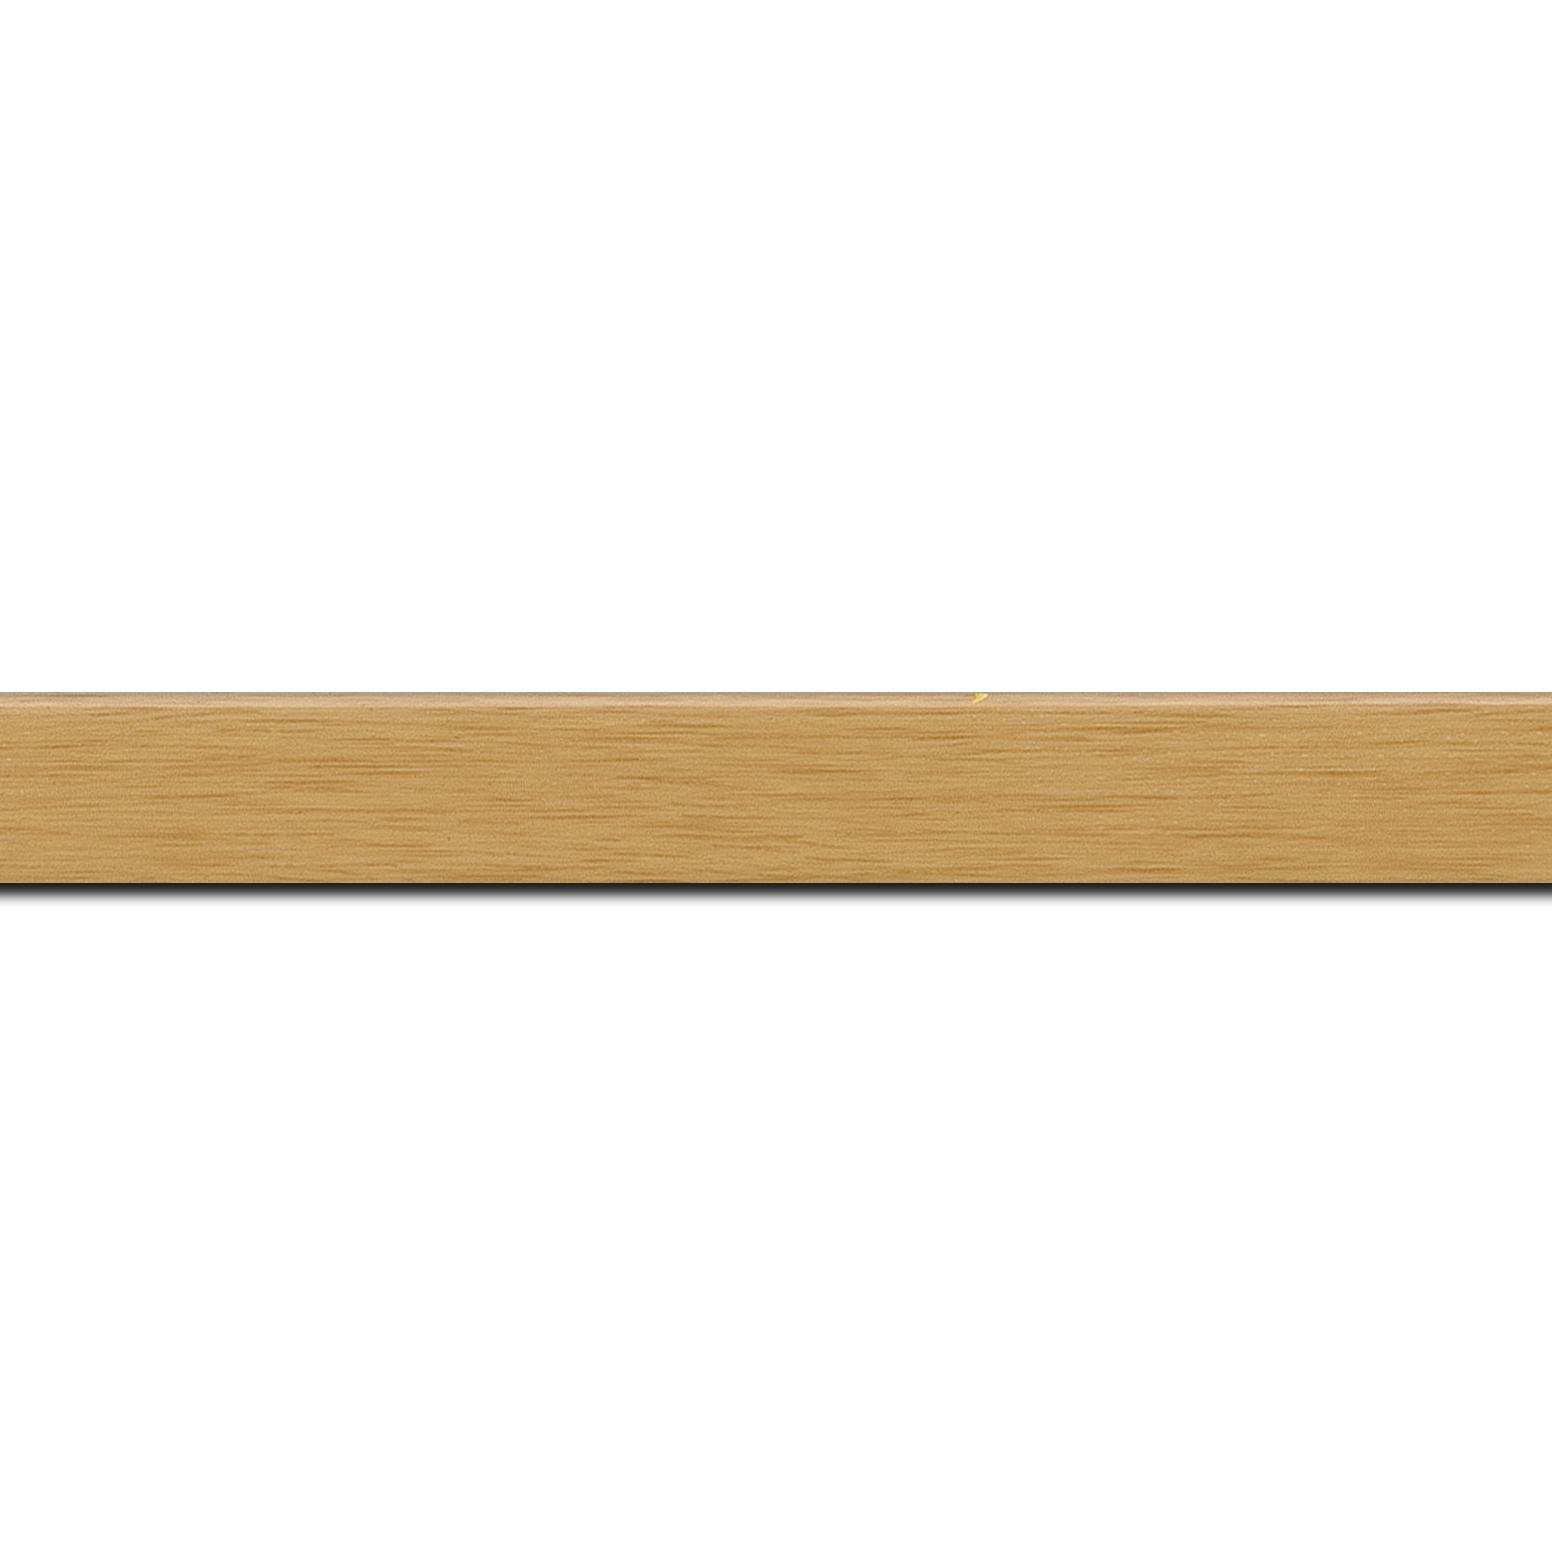 Pack par 12m, bois profil plat largeur 2cm ayous massif naturel (sans vernis, peut être peint...)(longueur baguette pouvant varier entre 2.40m et 3m selon arrivage des bois)